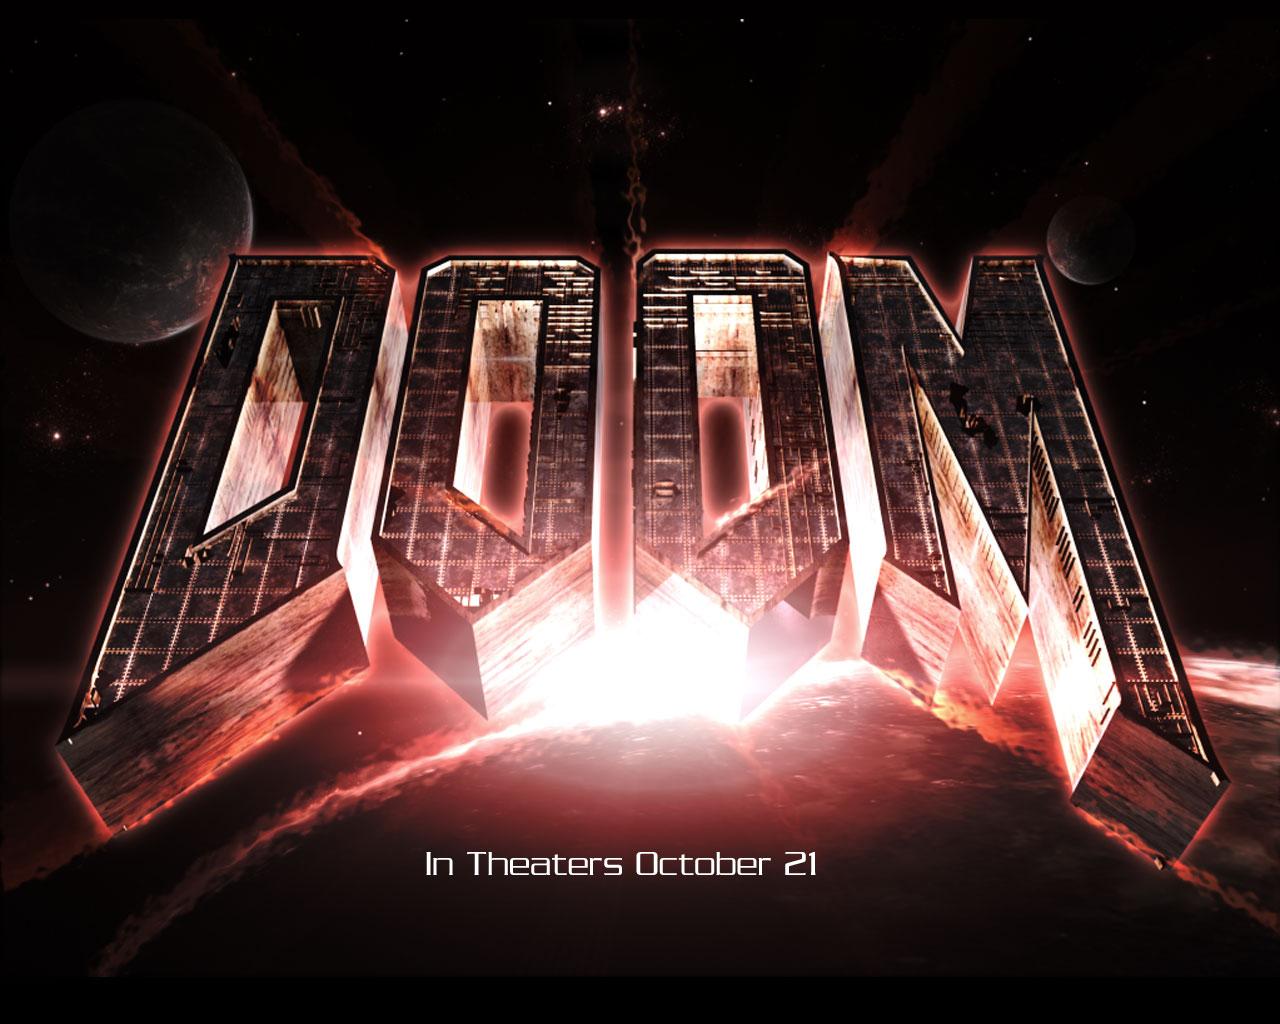 http://1.bp.blogspot.com/_F9D-oT93AnM/TOC6-bOgzaI/AAAAAAAAABQ/vpjMkgs0CMw/s1600/Doom_Wallpaper_1_1280.jpg